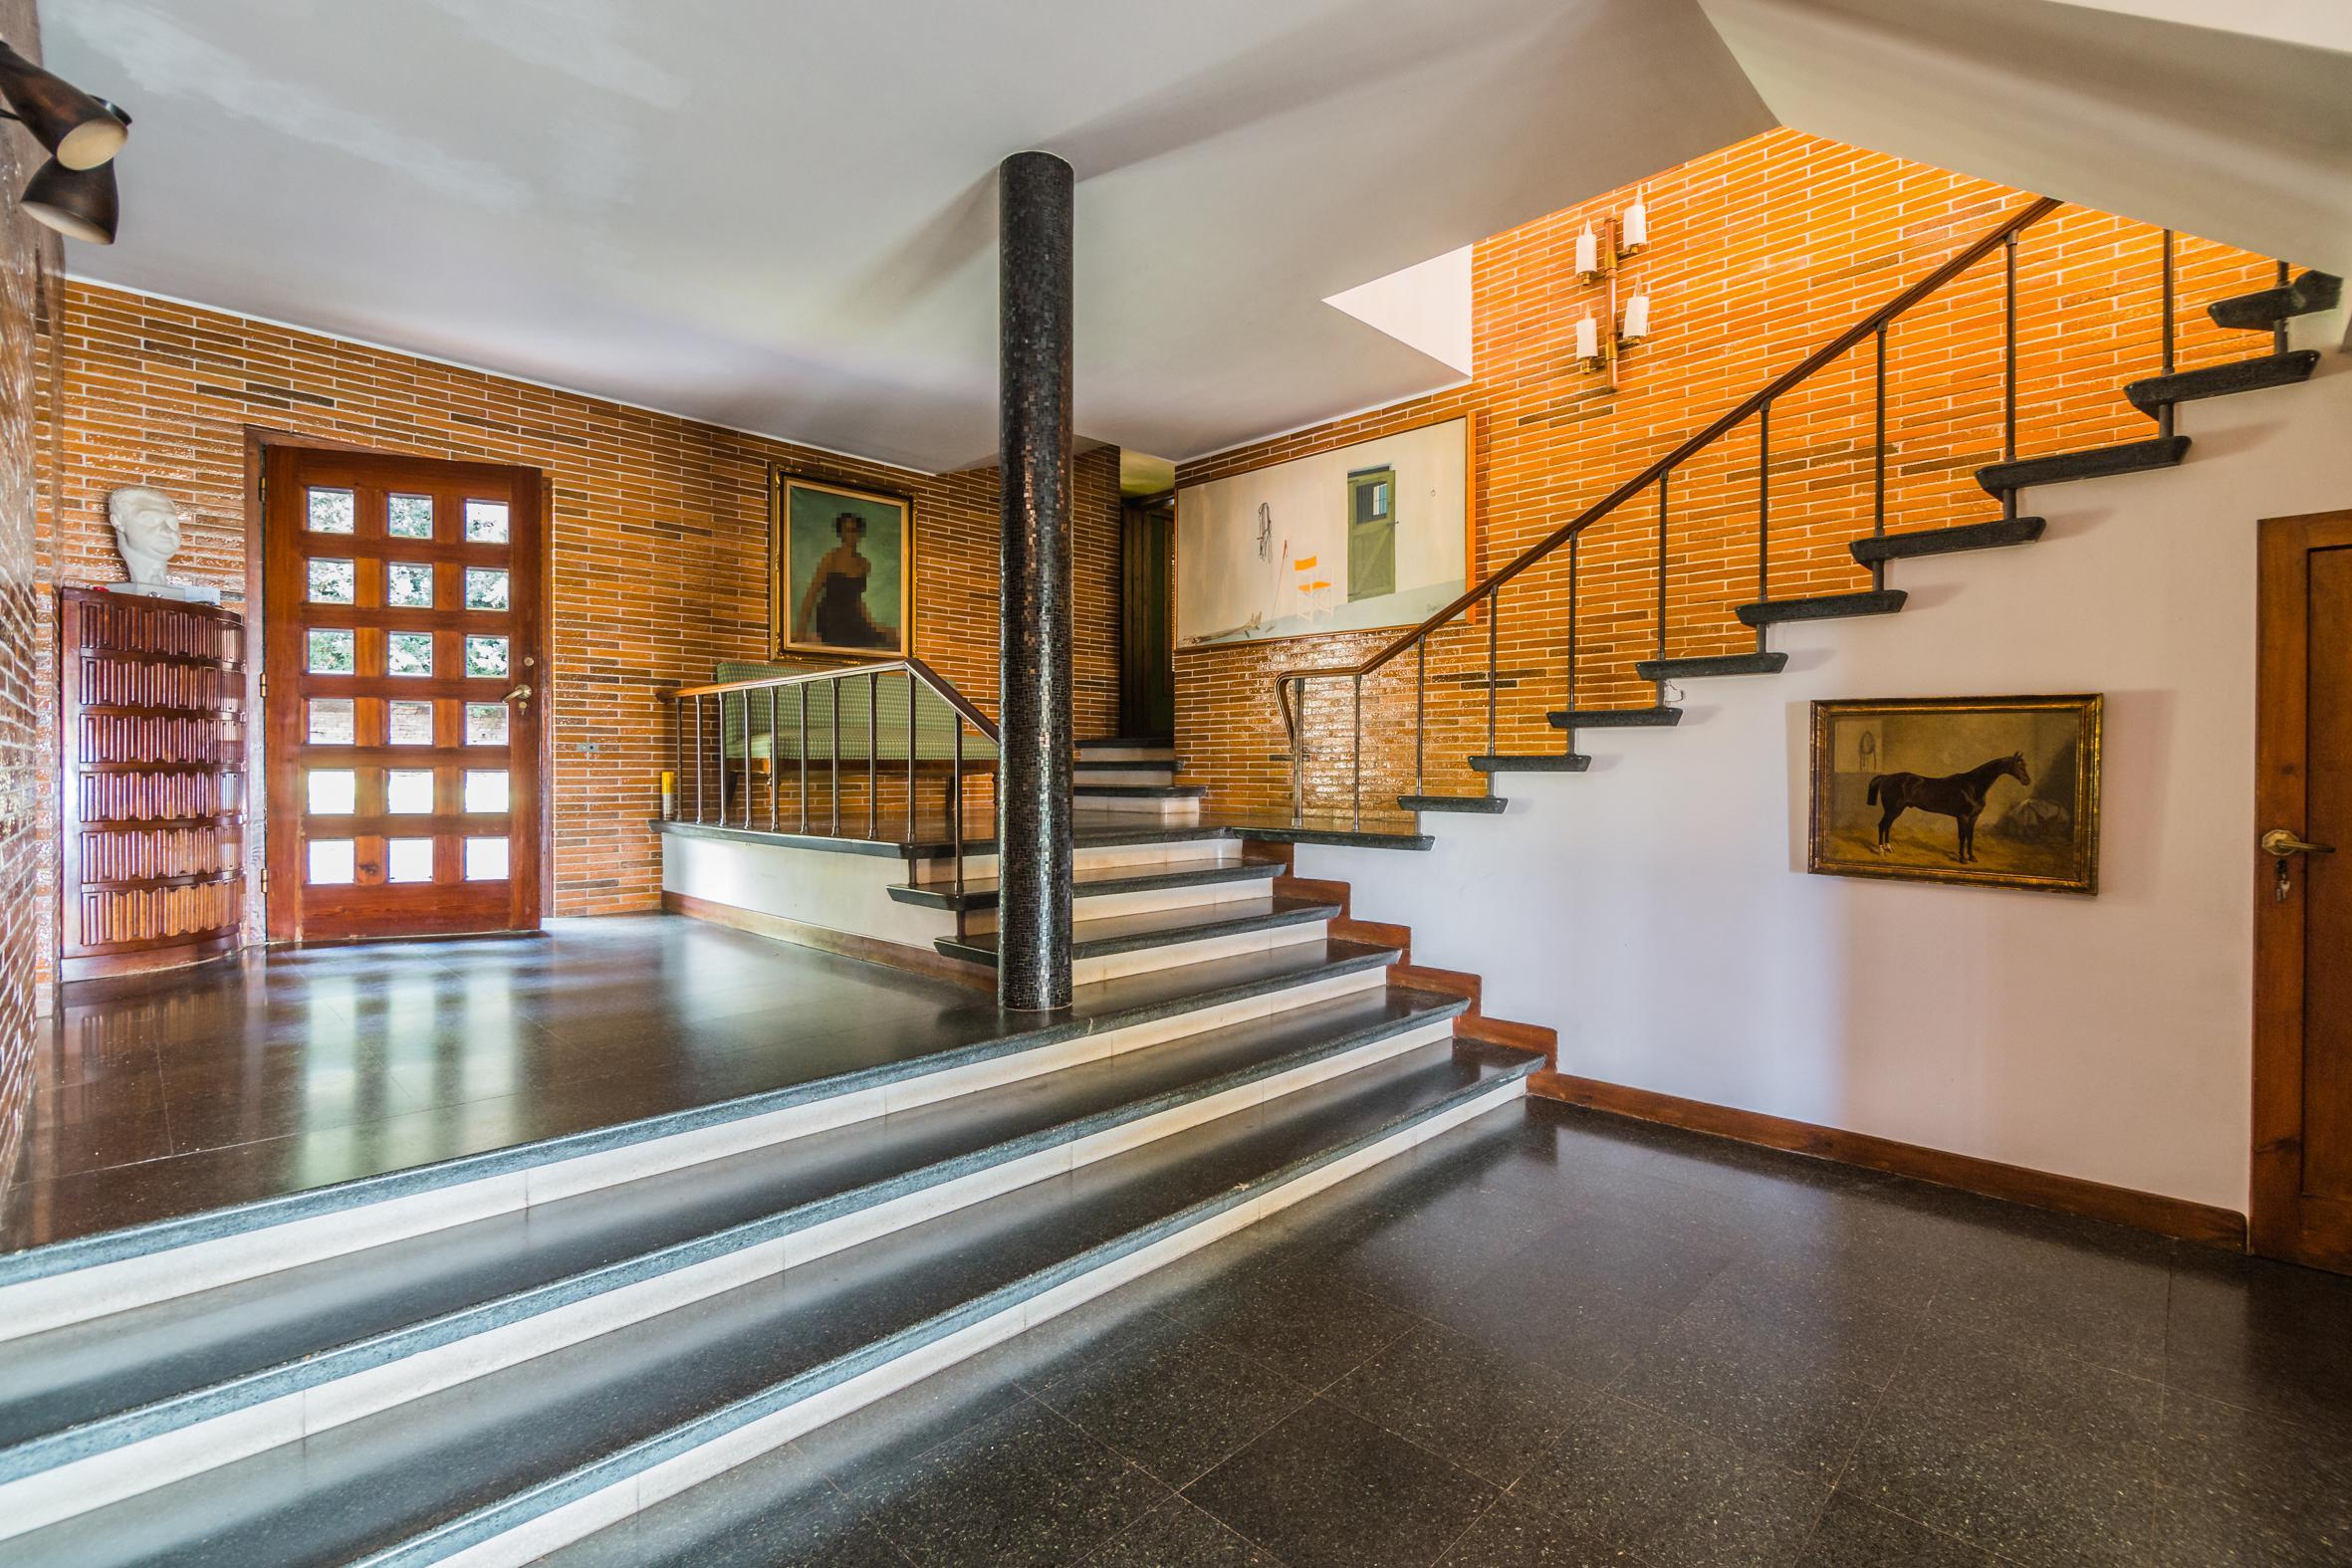 213533 Casa en venta en Sant Andreu de Llavaneres 2